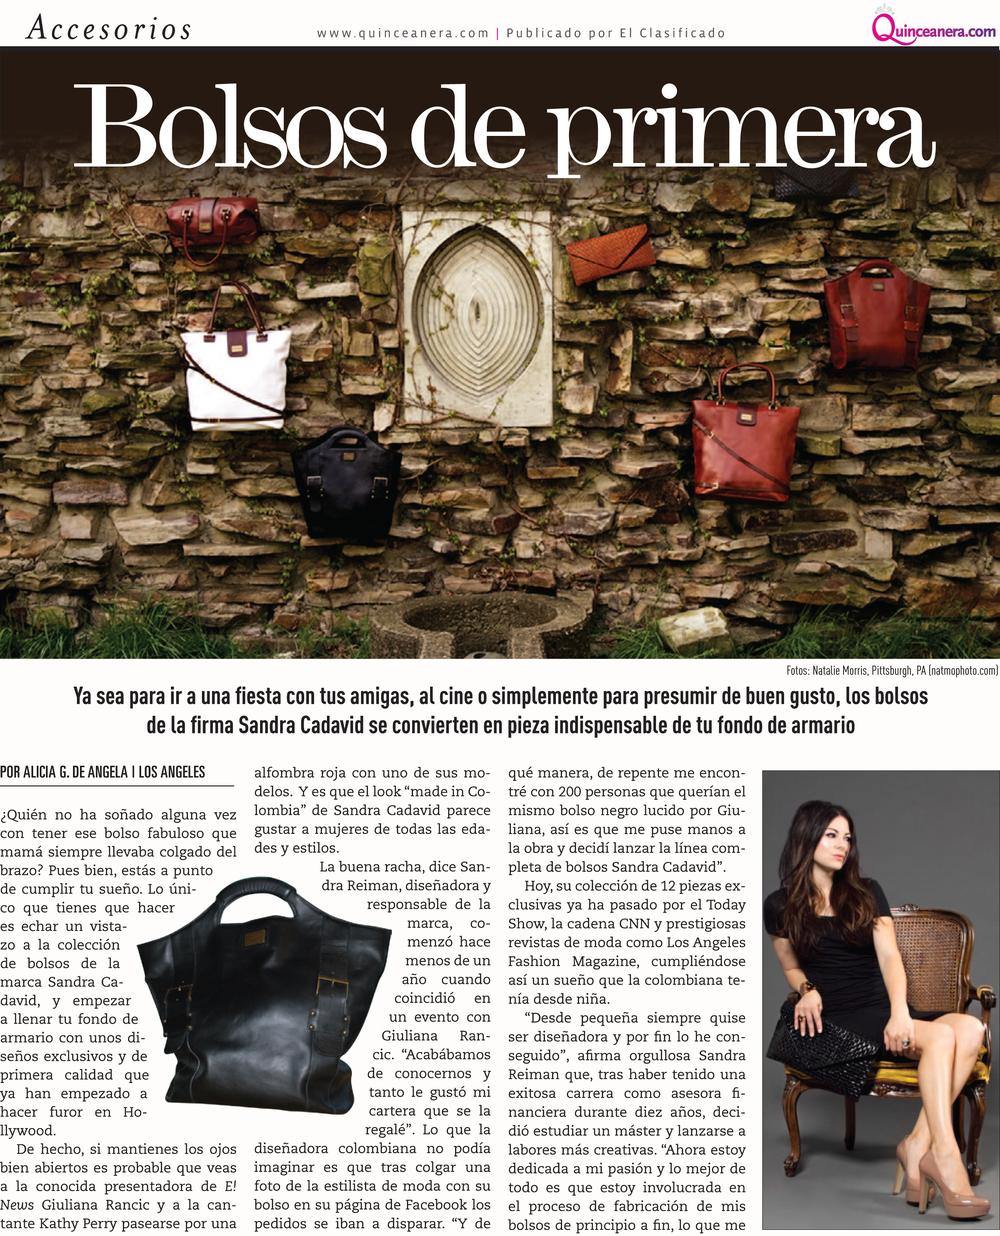 PDF Sandra Cadavid 1.jpg